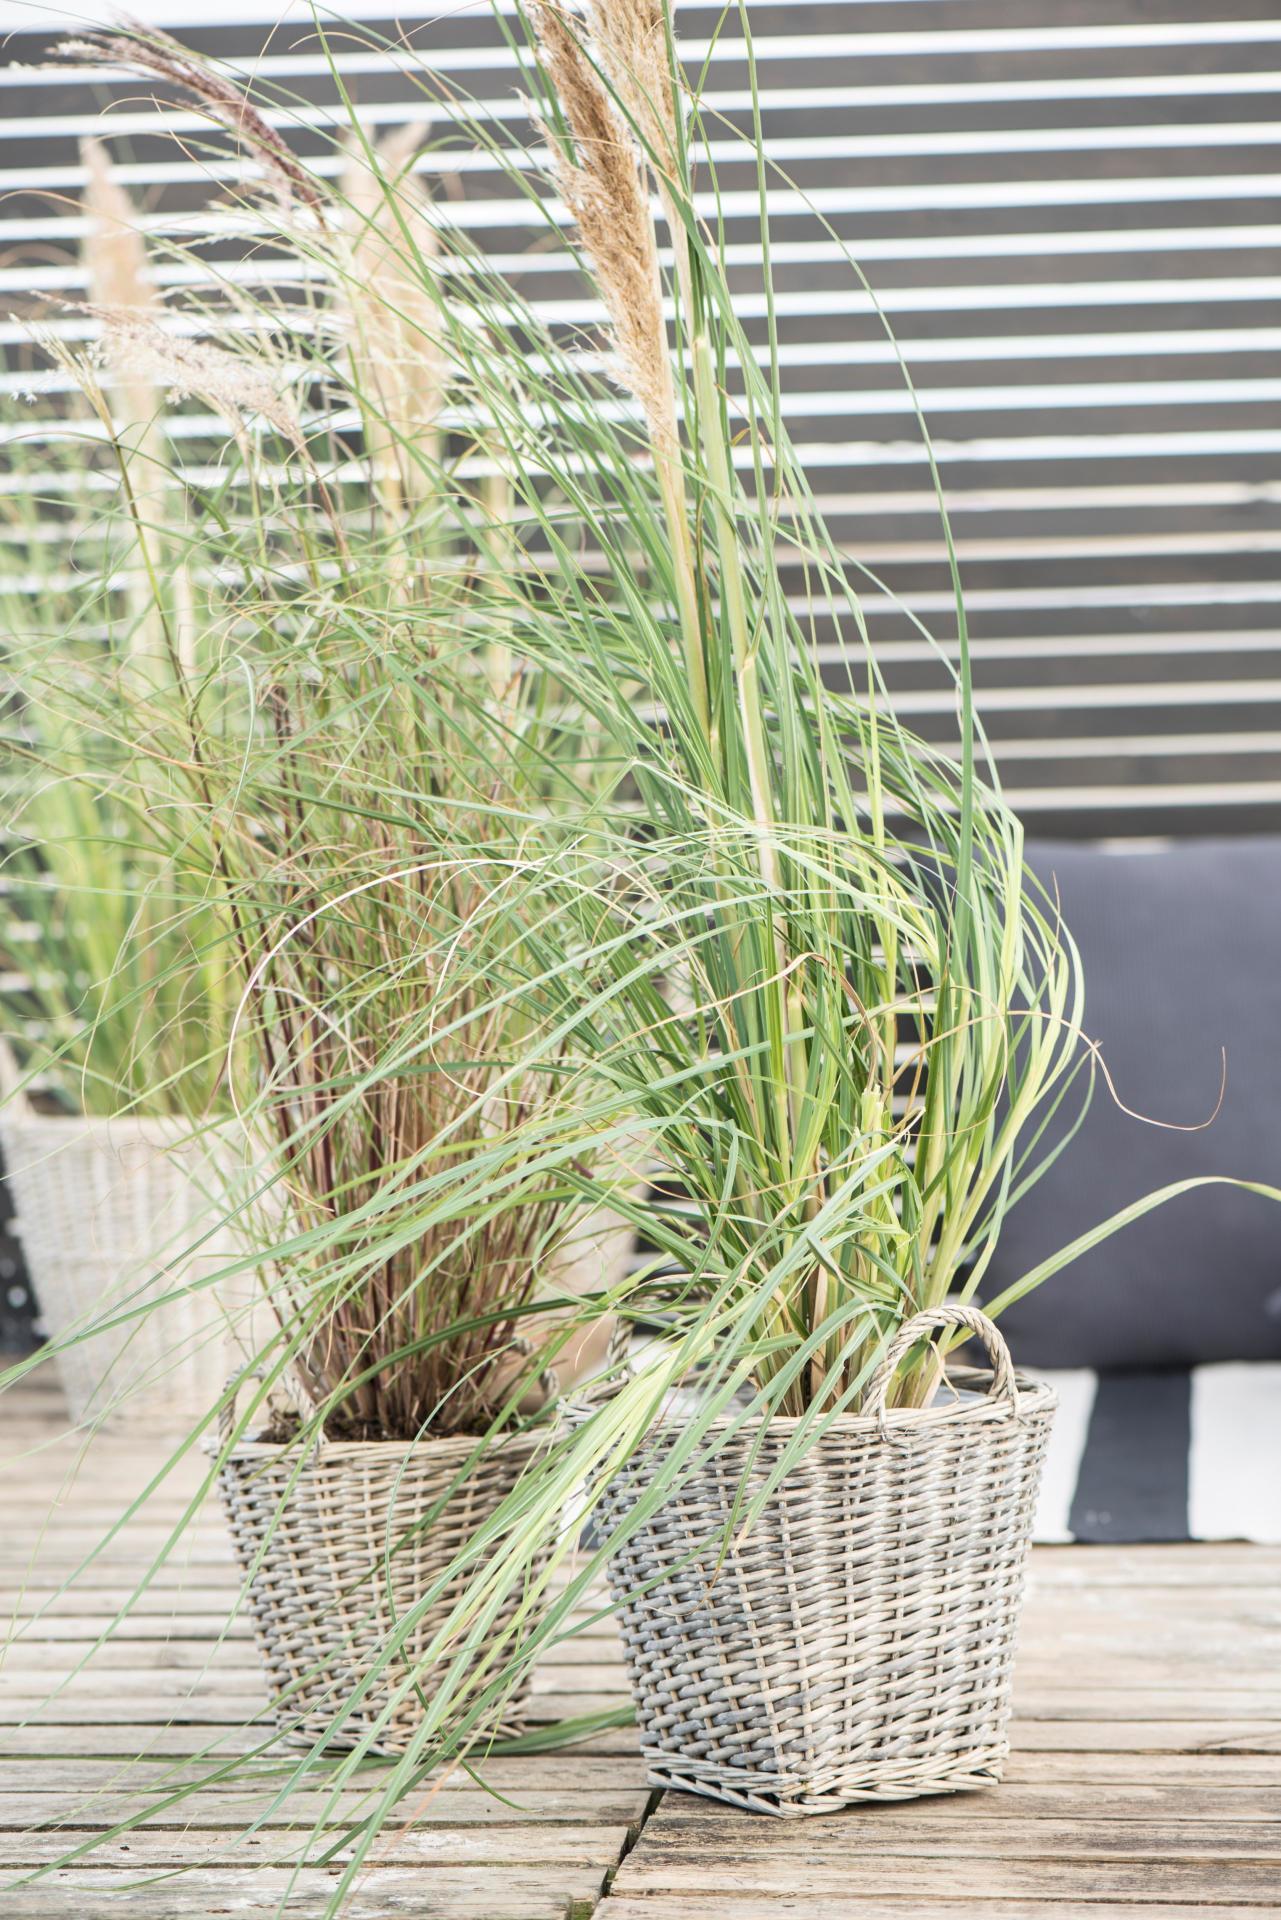 IB LAURSEN Proutěný obal na květiny Conical Menší, přírodní barva, proutí 20cmx20cm